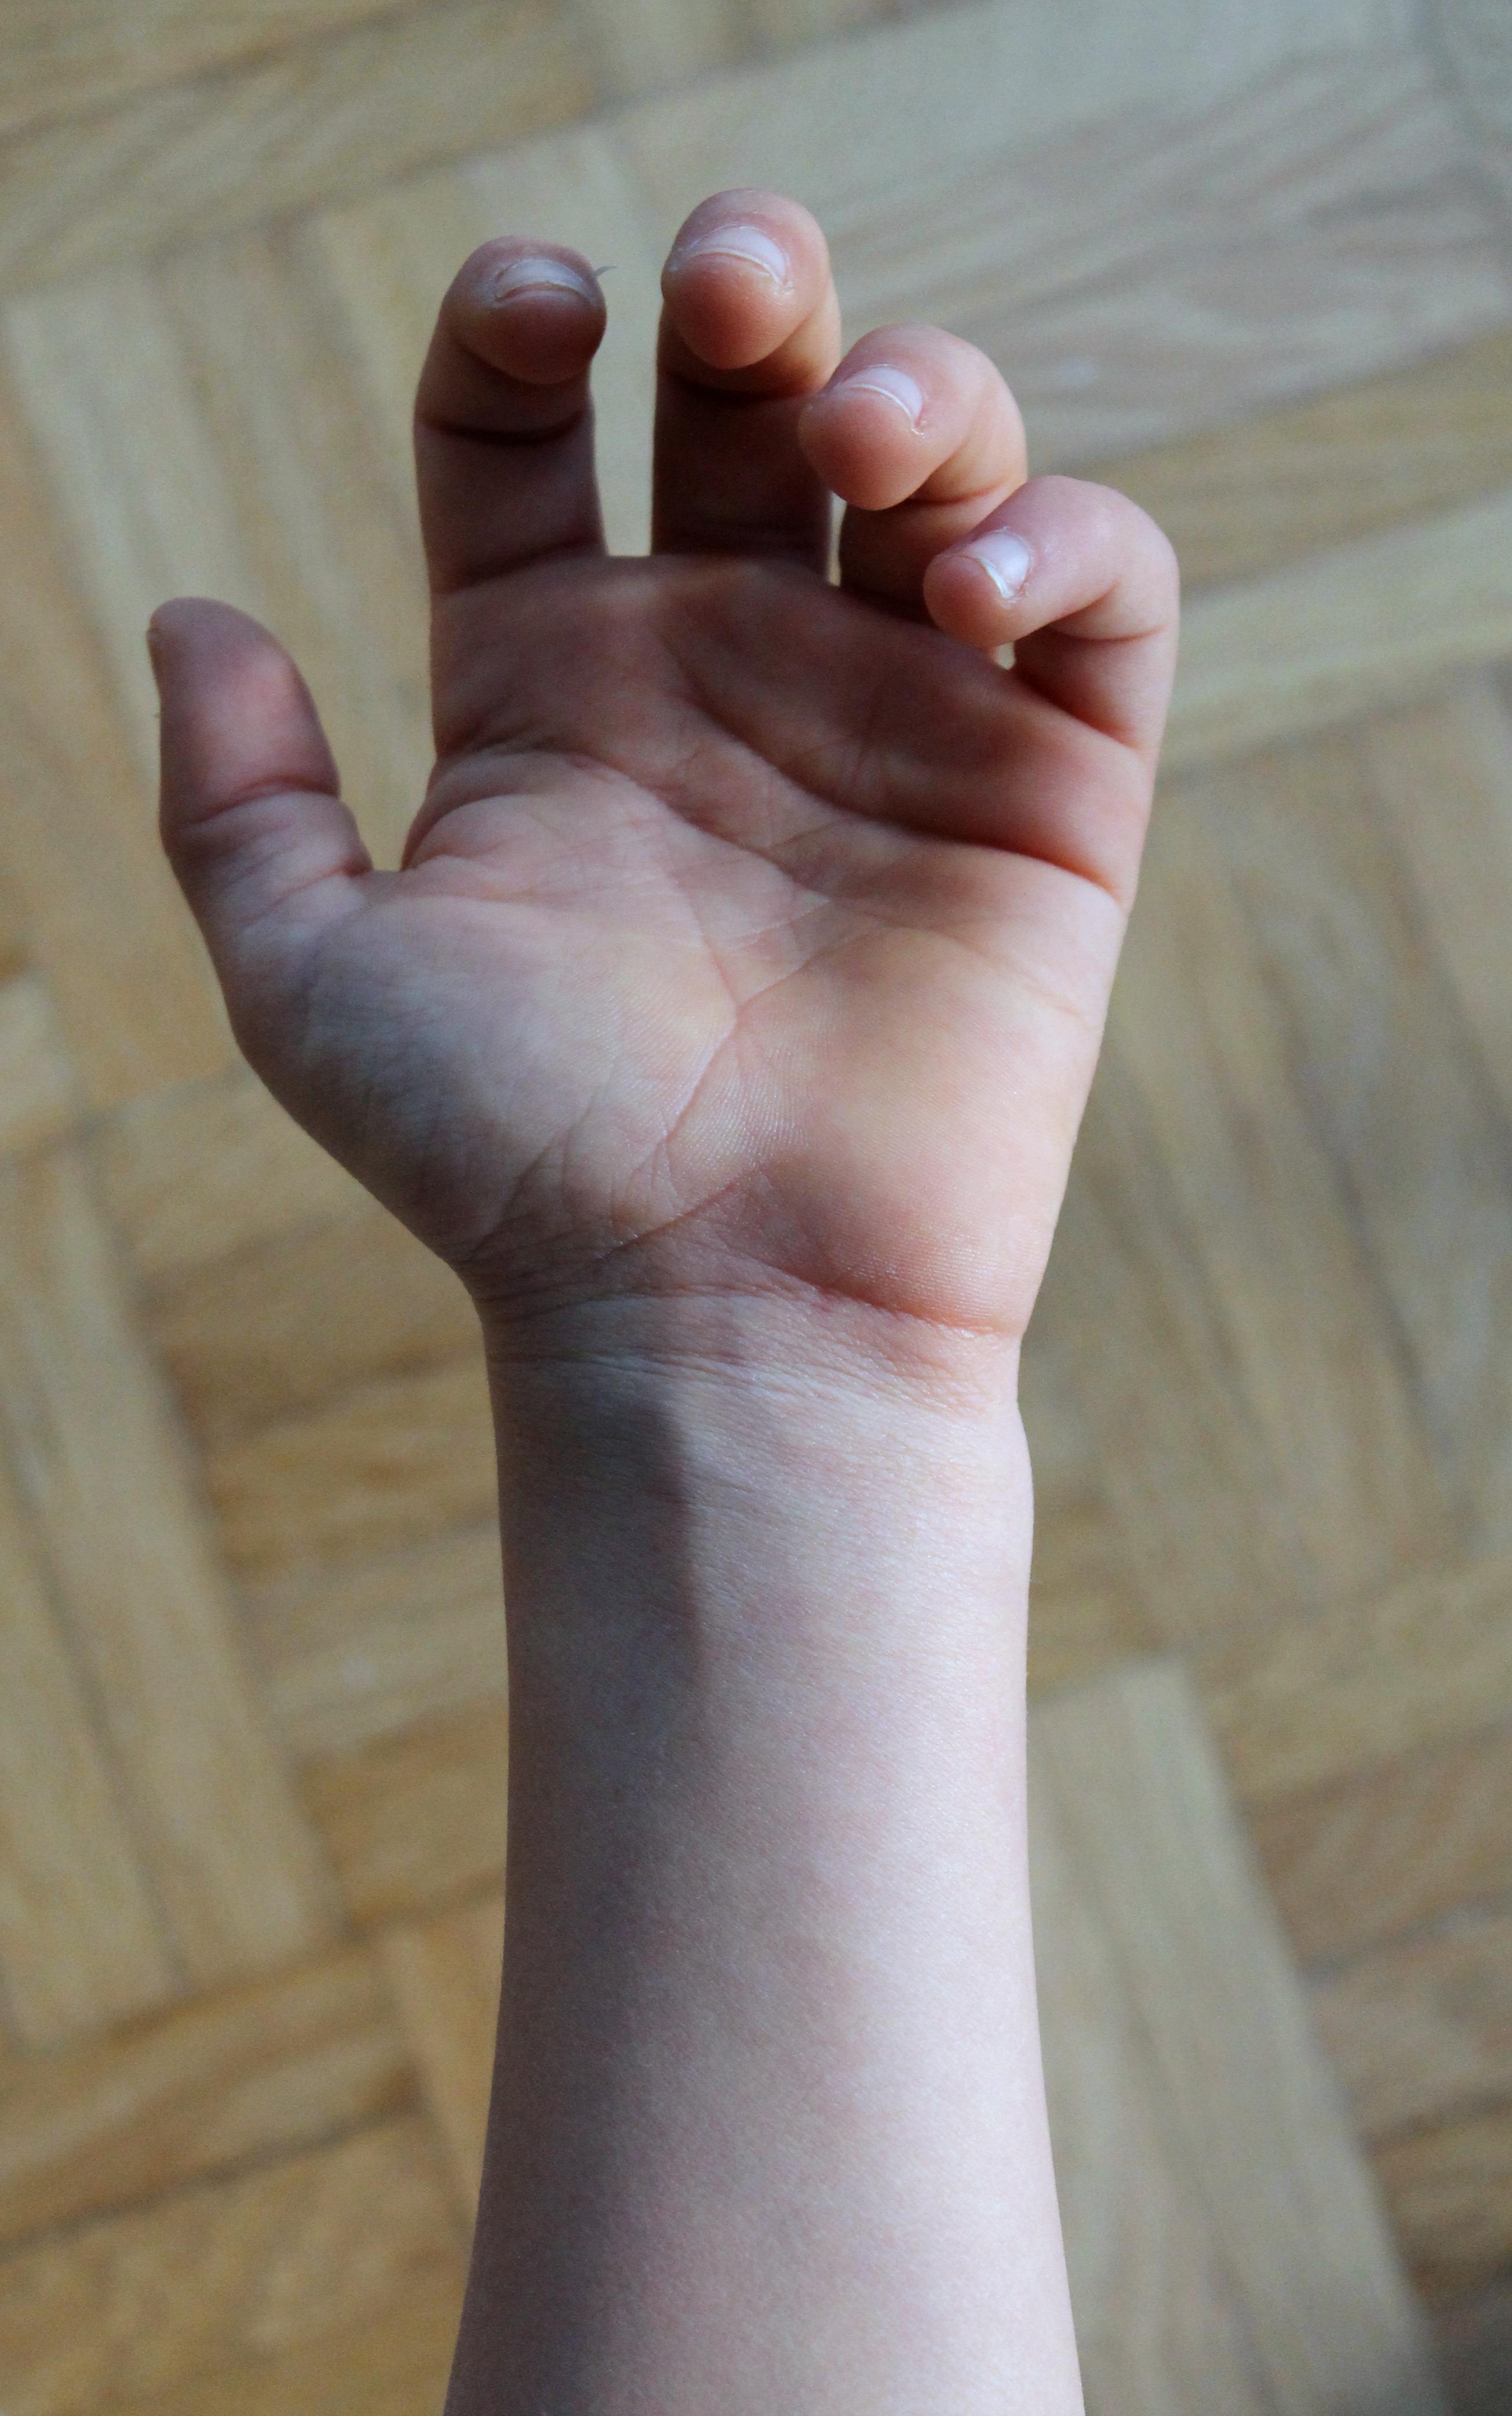 Fotos gratis : mano, pierna, palma, brazo, uña, de cerca, cuerpo ...